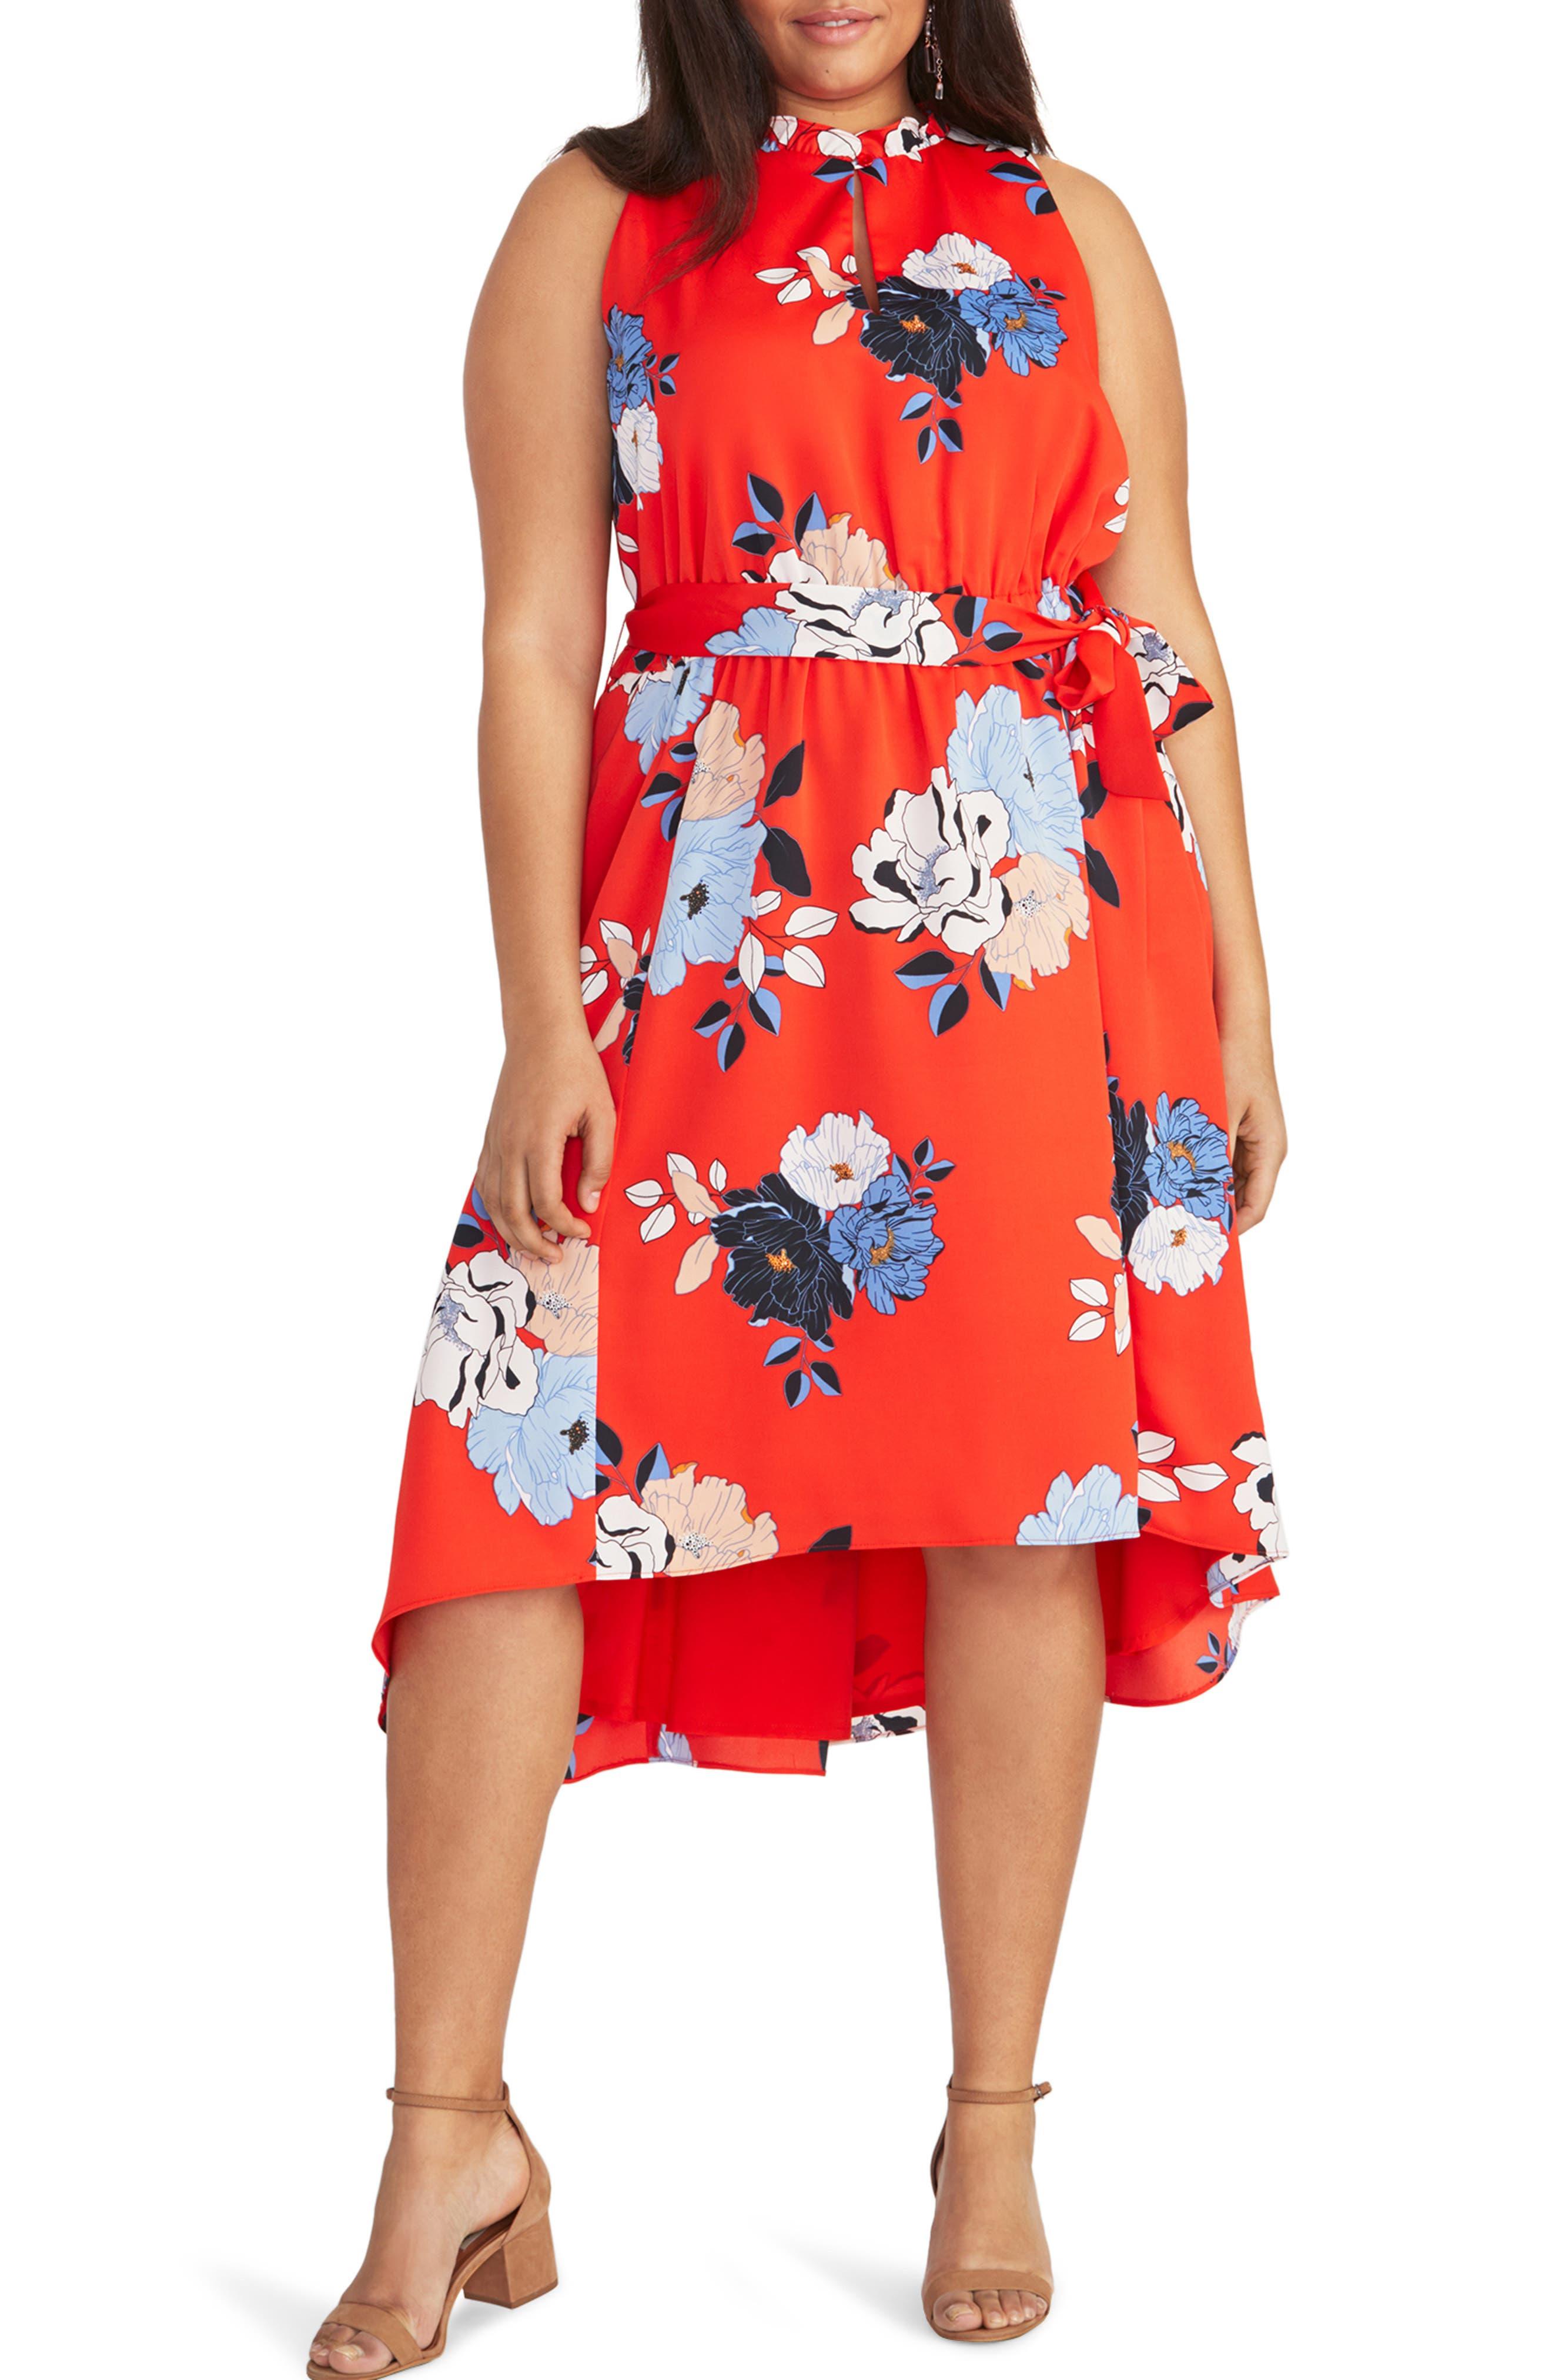 d3782c09 Plus Size Rachel Rachel Roy Concetta High/low Dress, Red